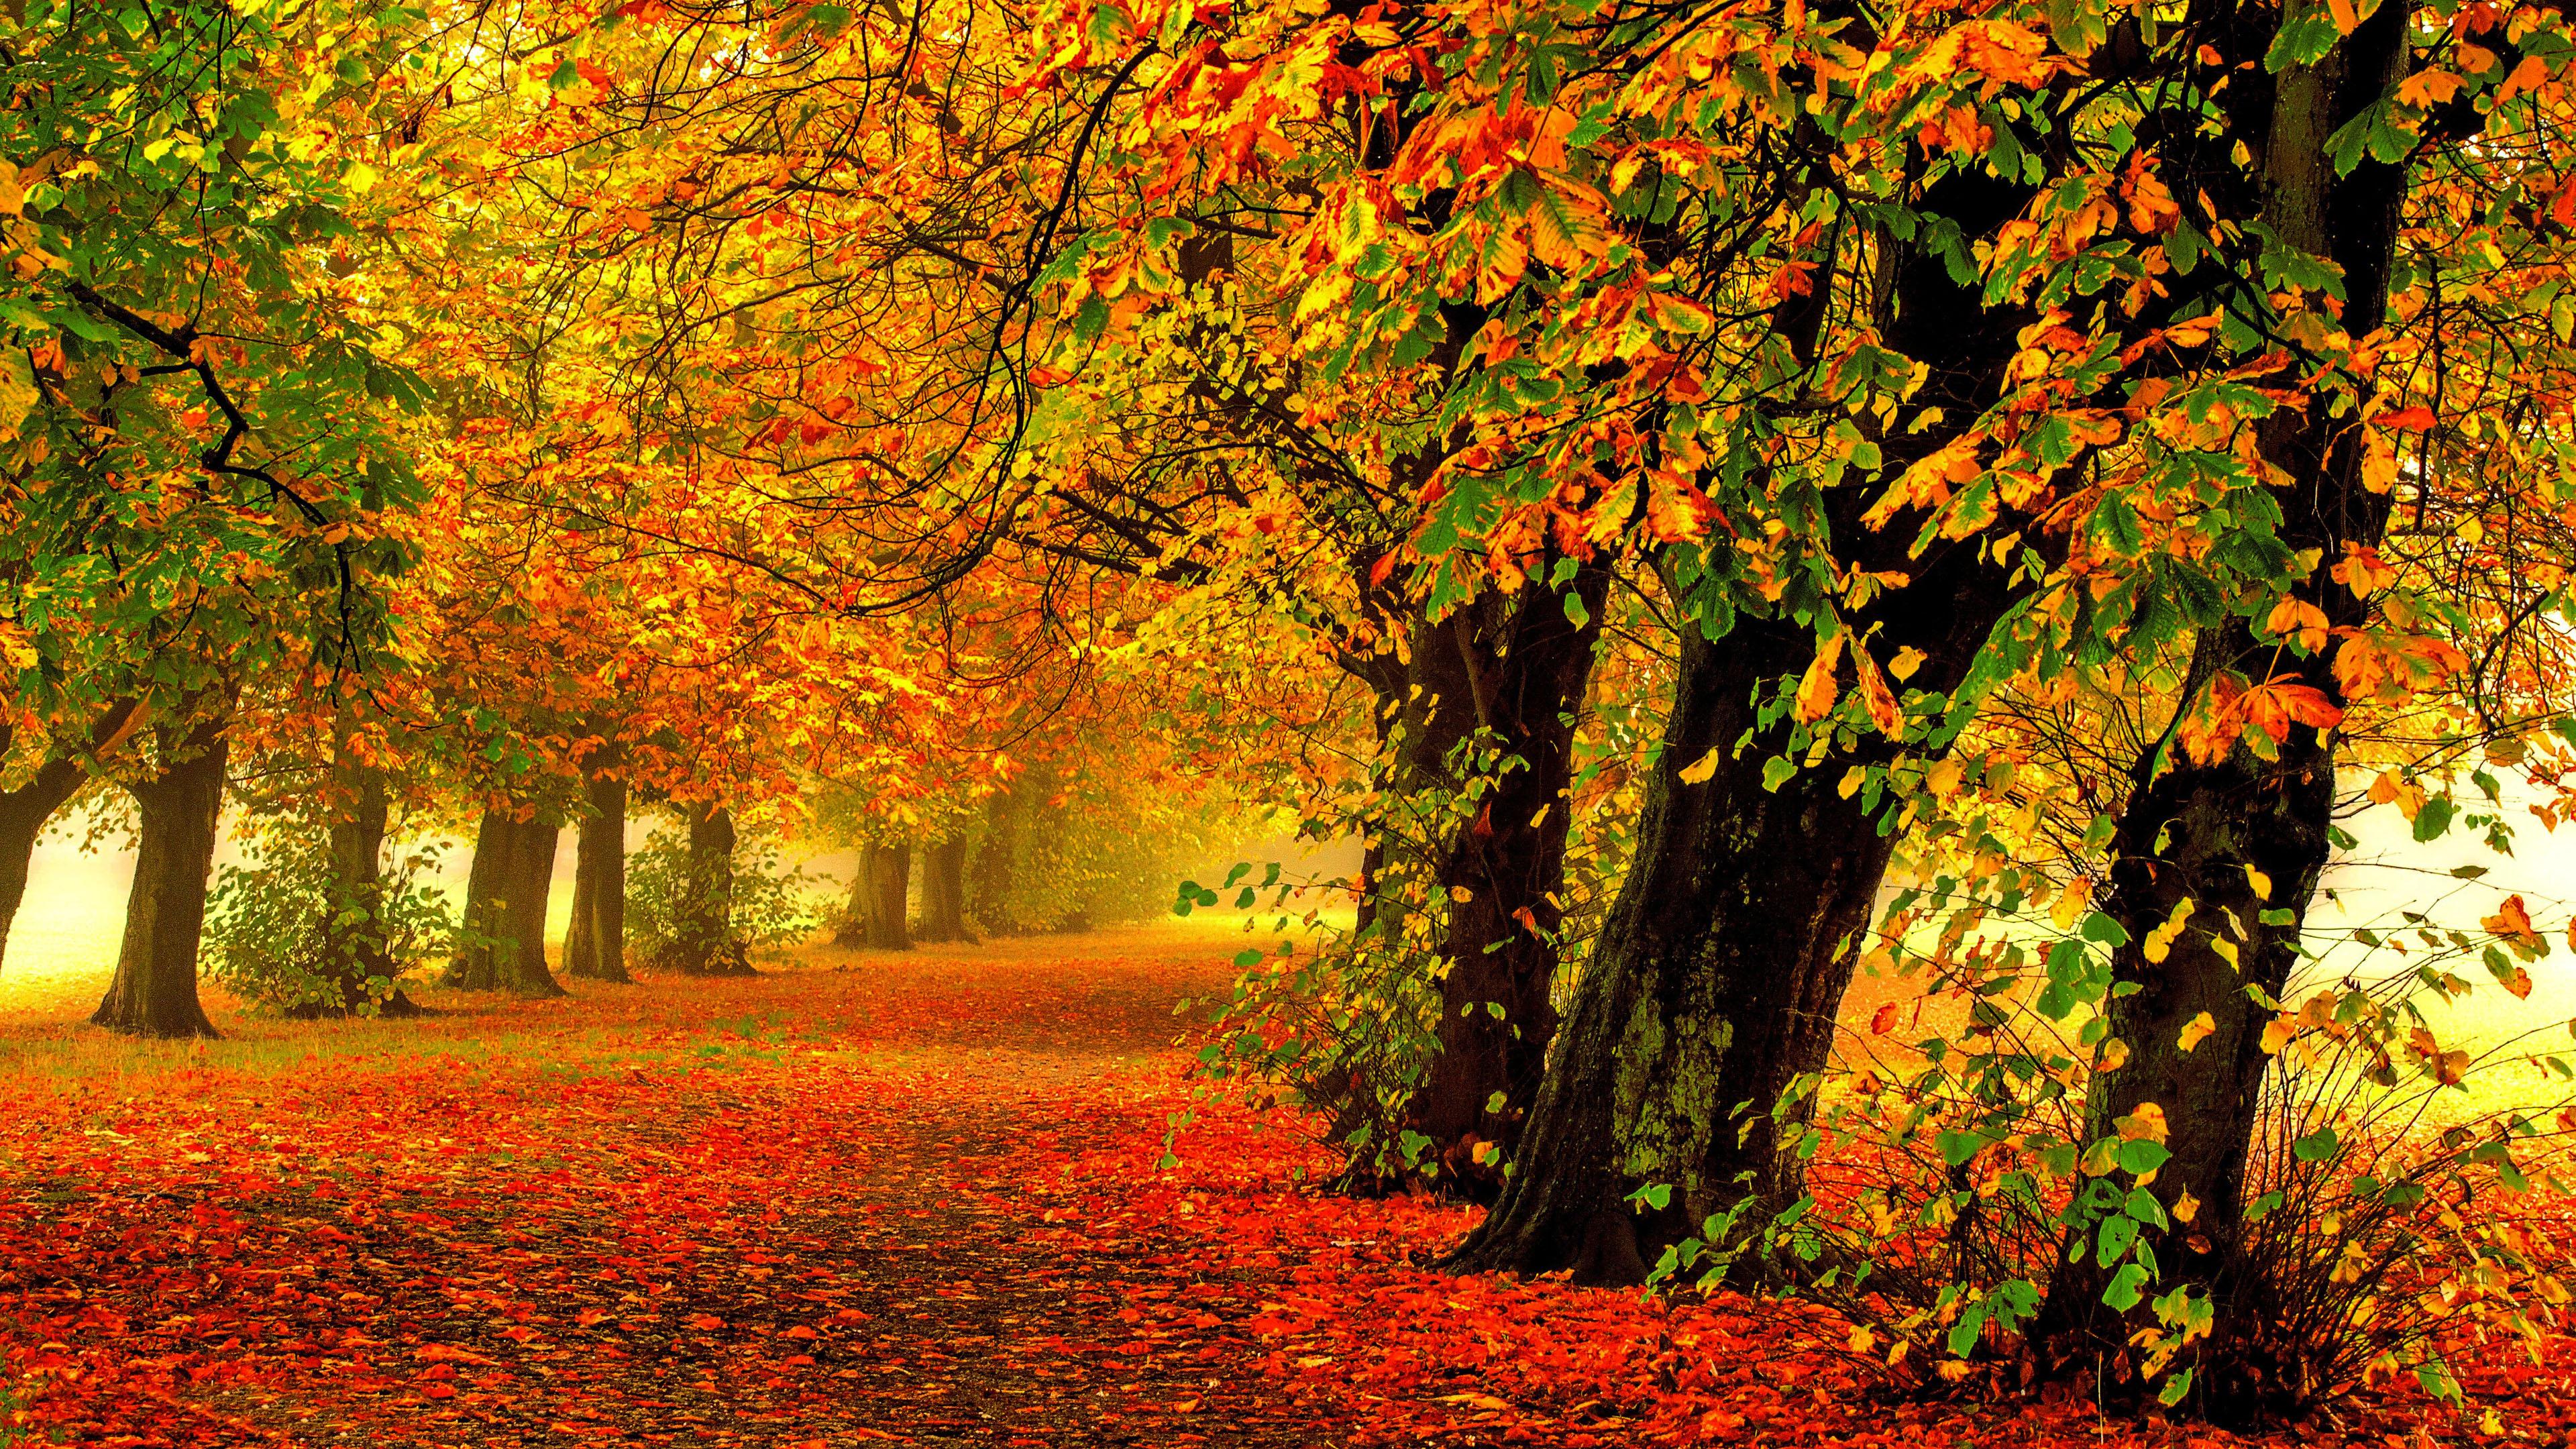 Осень, природа, желтые яркие листья, 4к обои, autumn